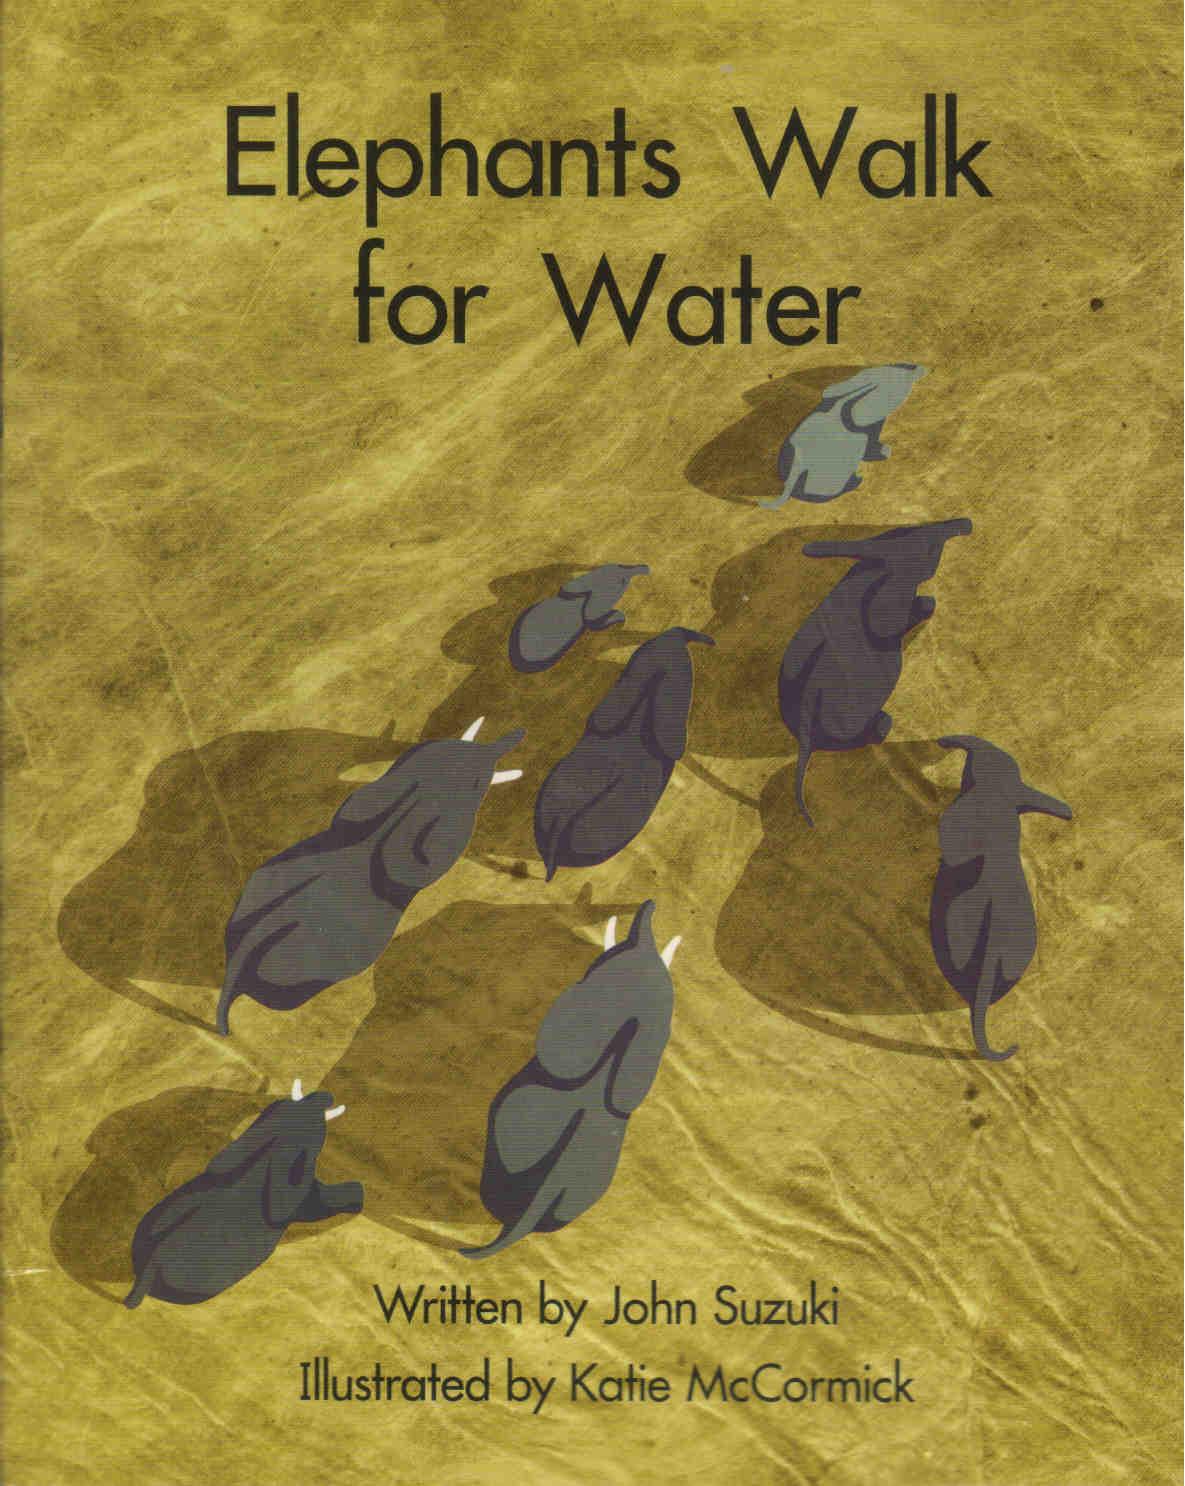 Elephants Walk for Water